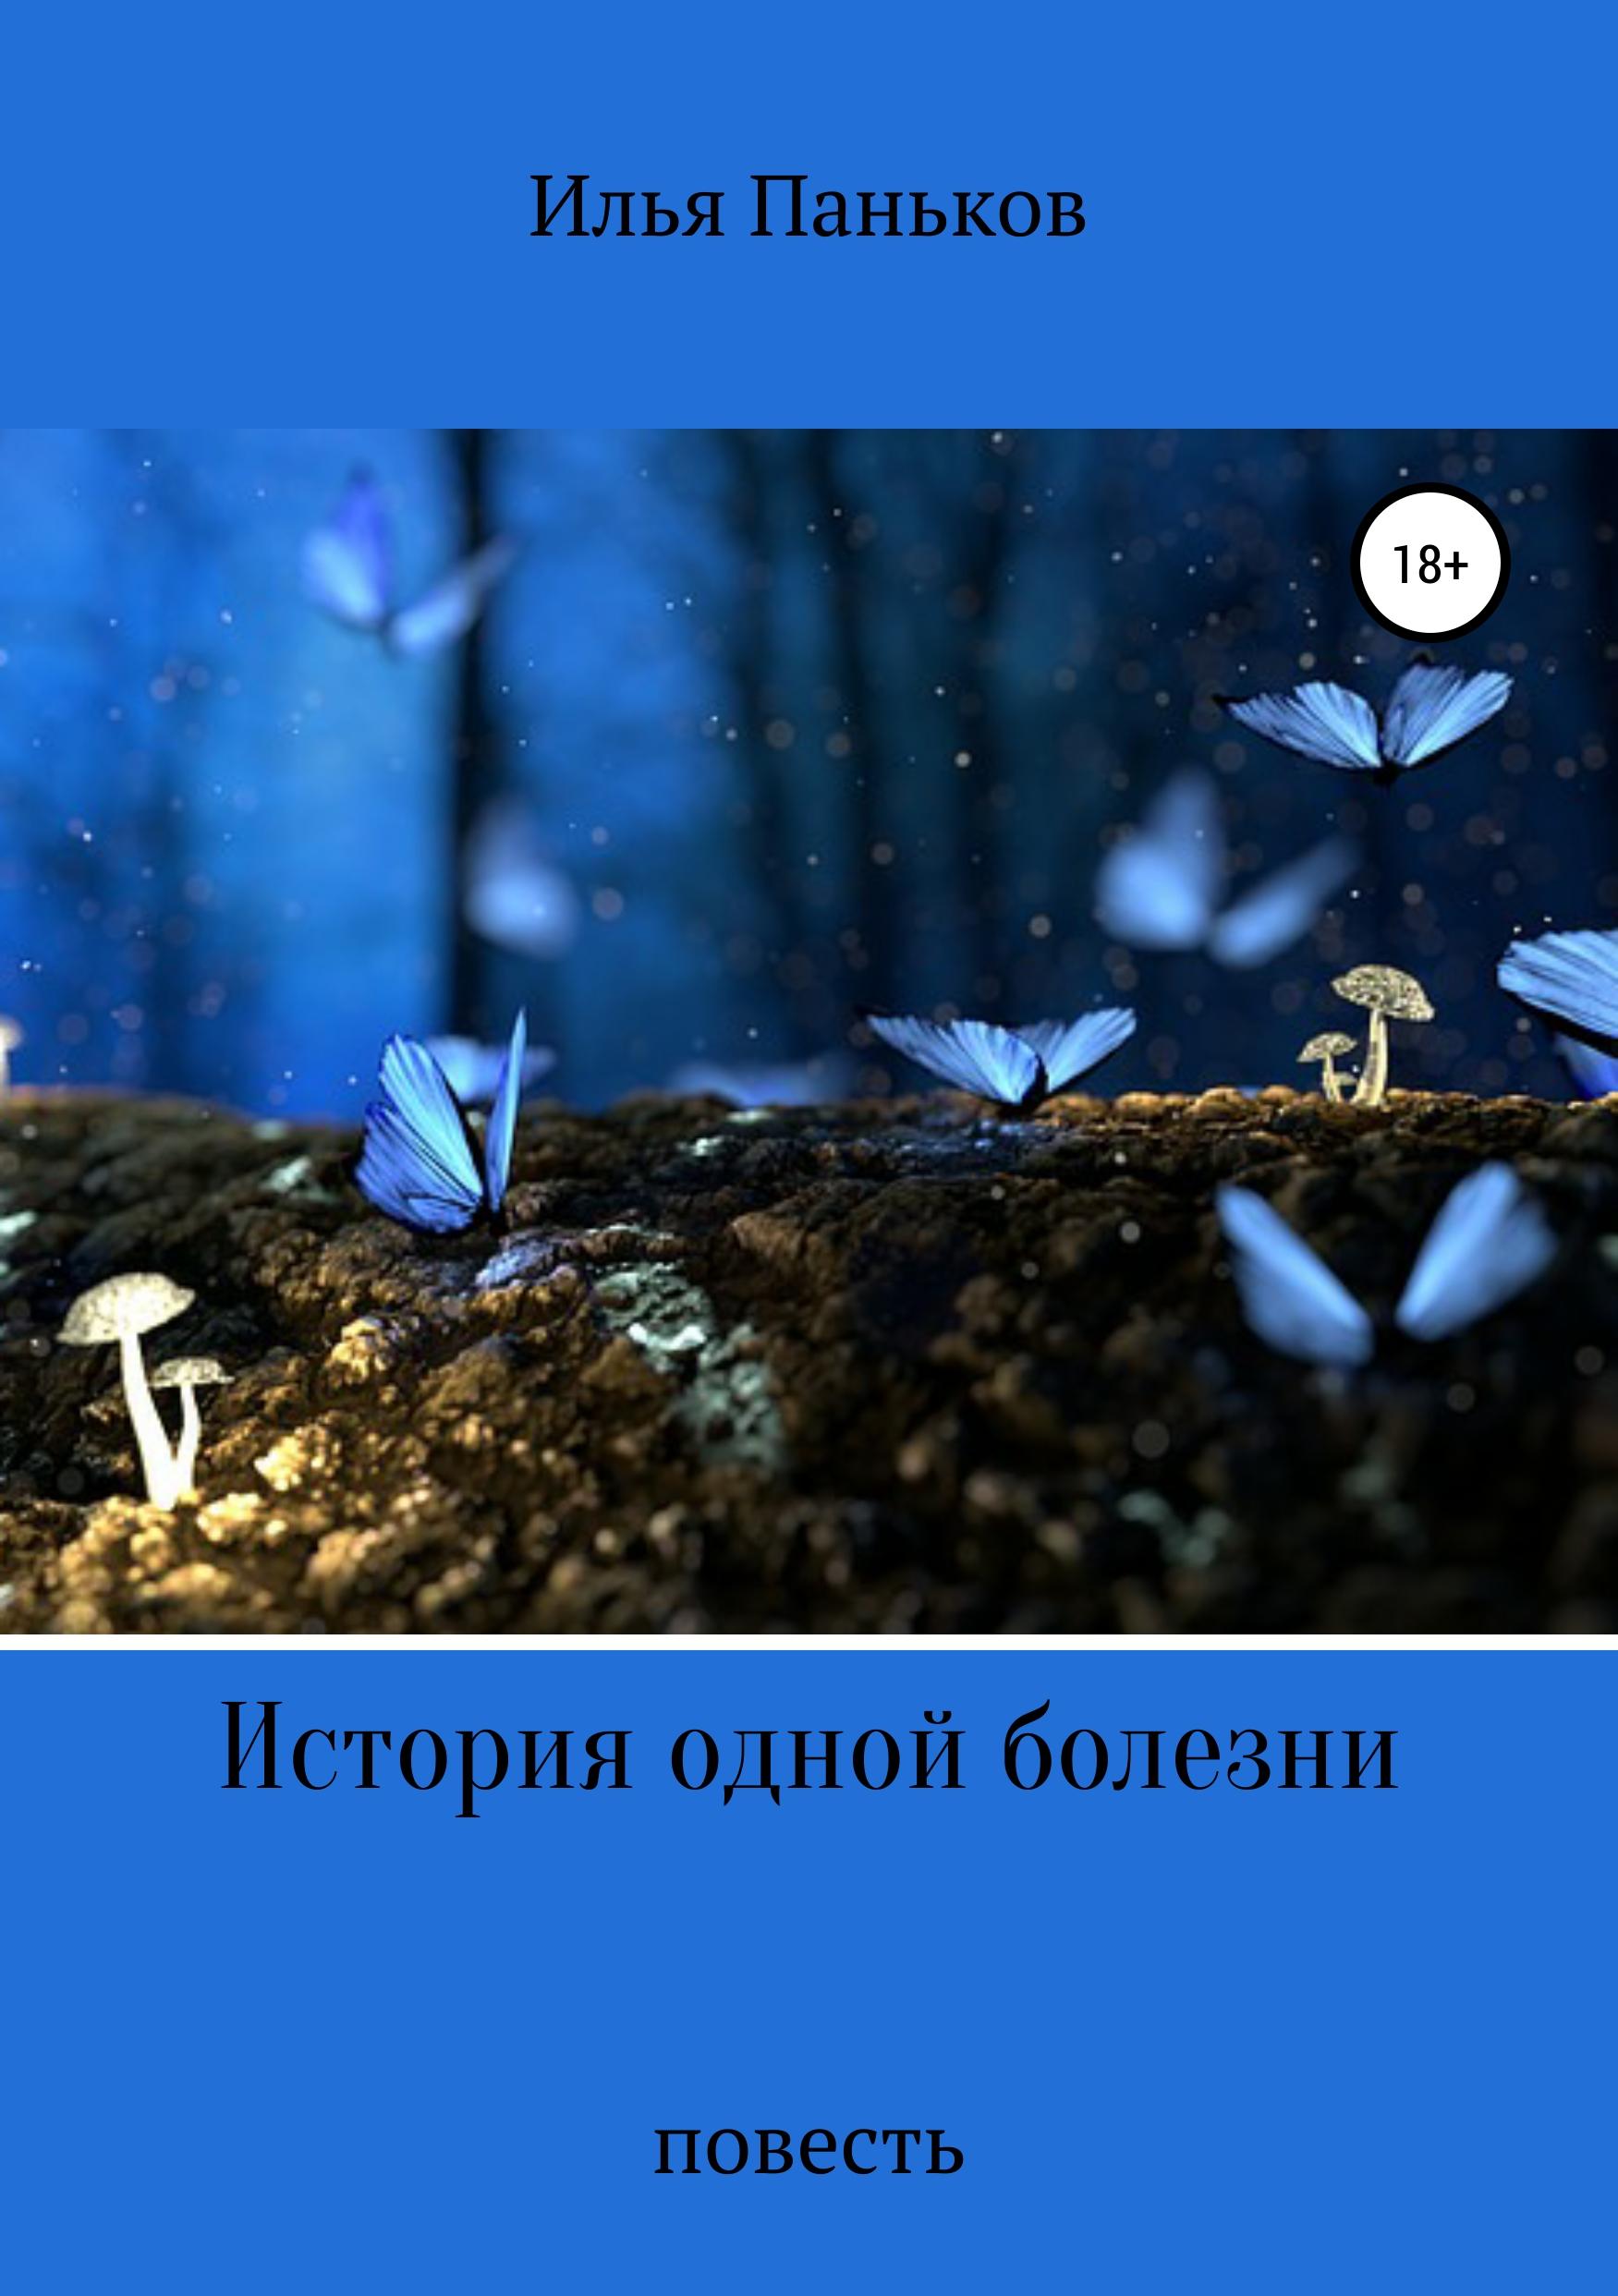 Видеть во сне свои руки синими